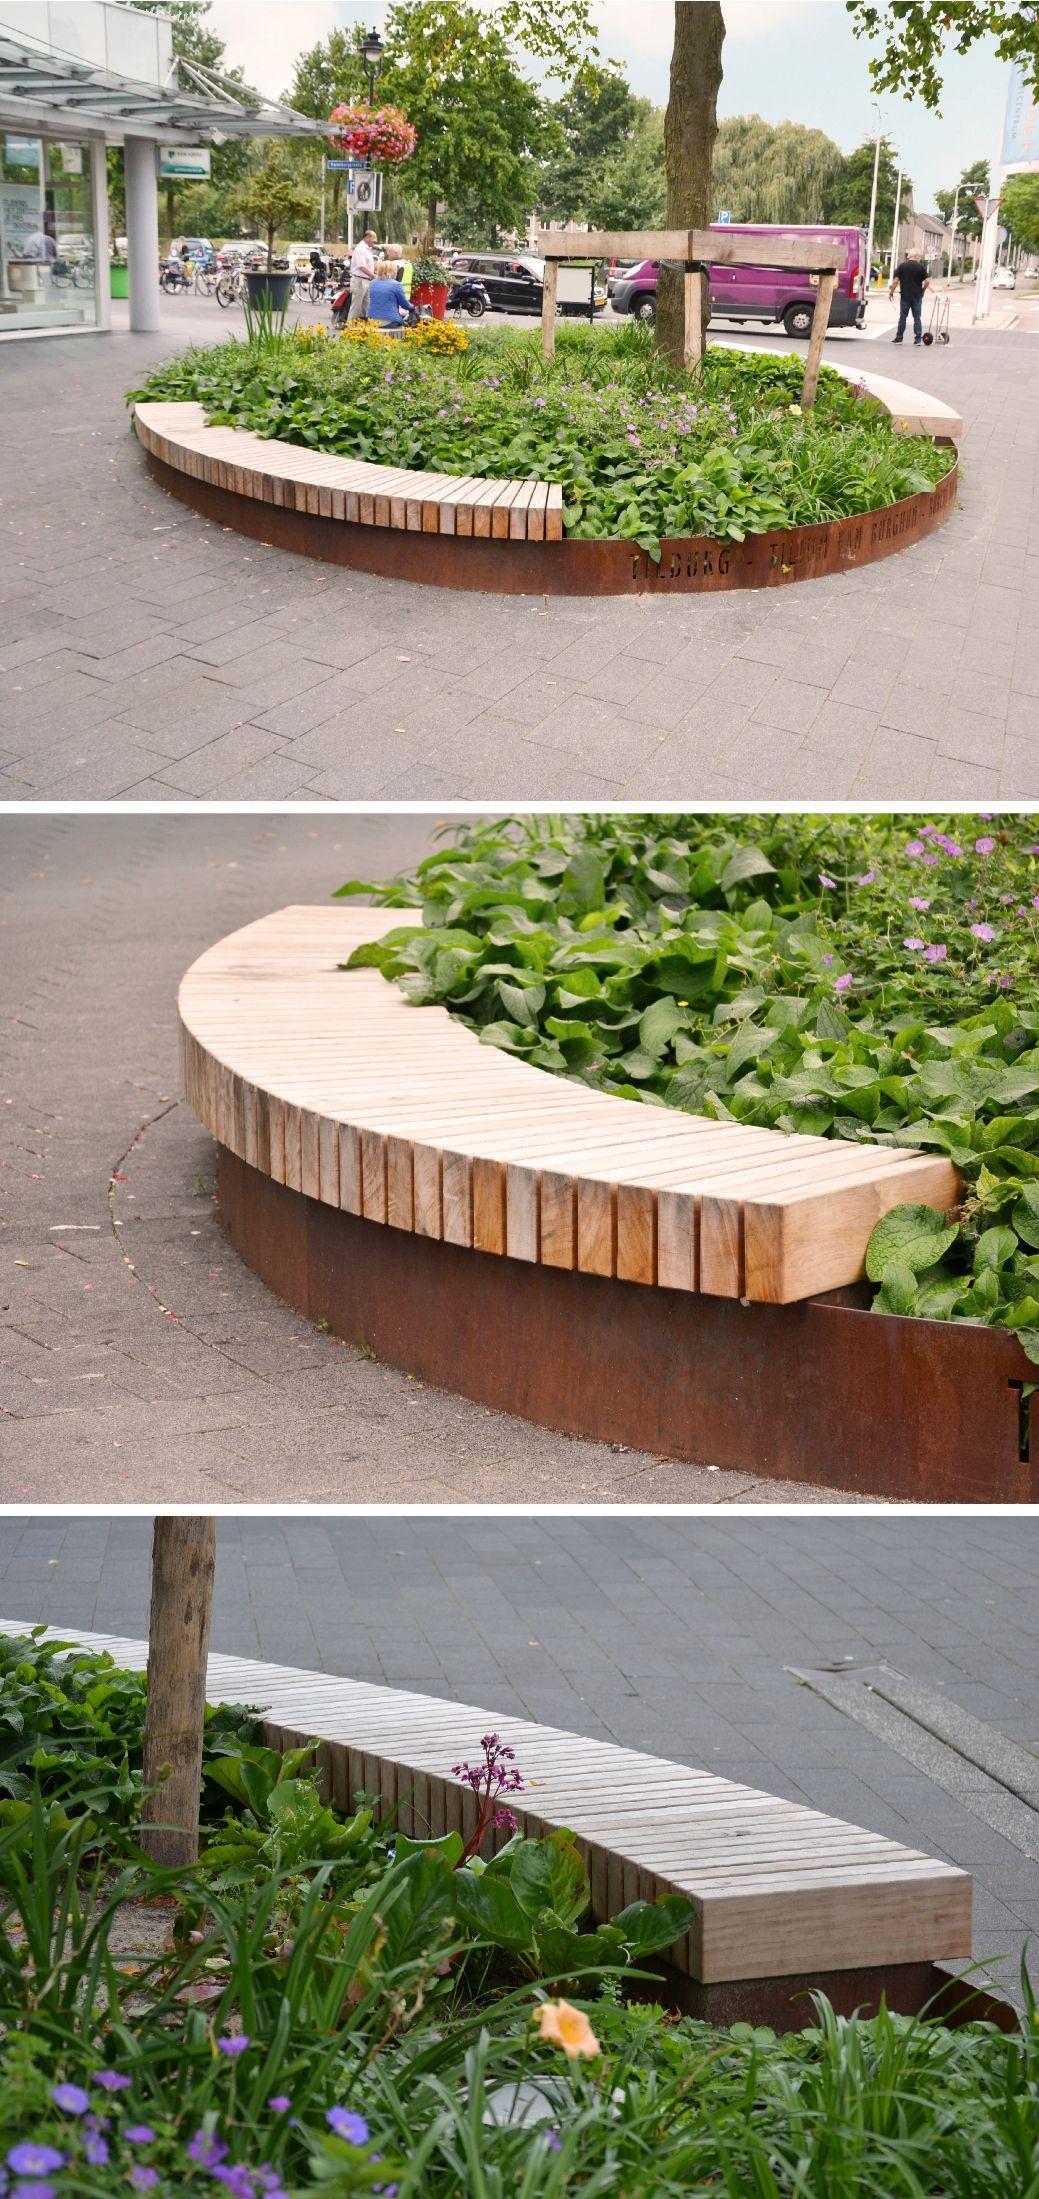 urban furniture by grijsen straatmeubilair van grijsen park